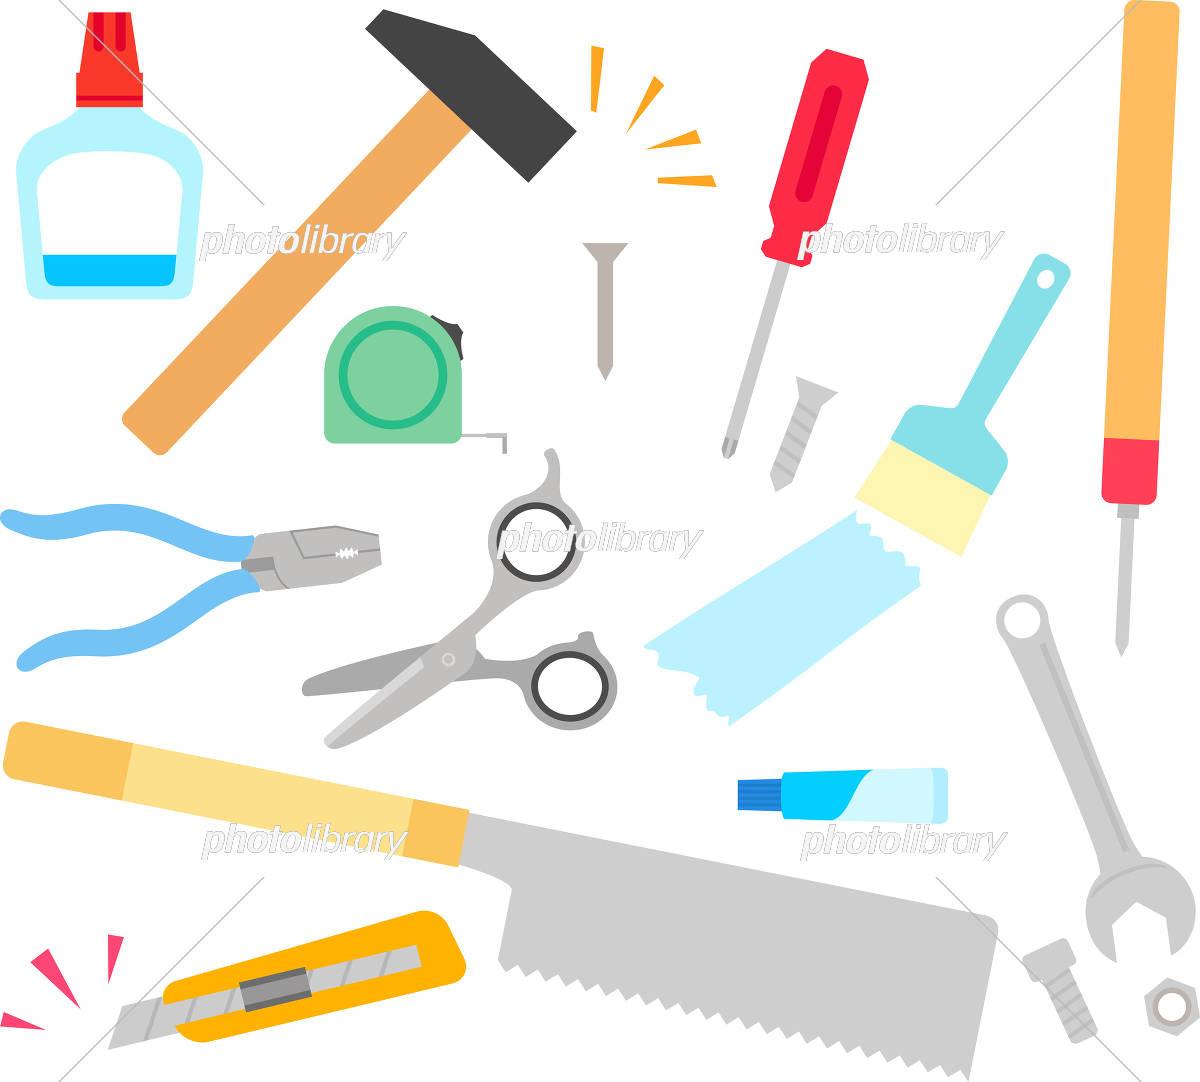 Diy日曜大工の道具のイラストセット イラスト素材 4662416